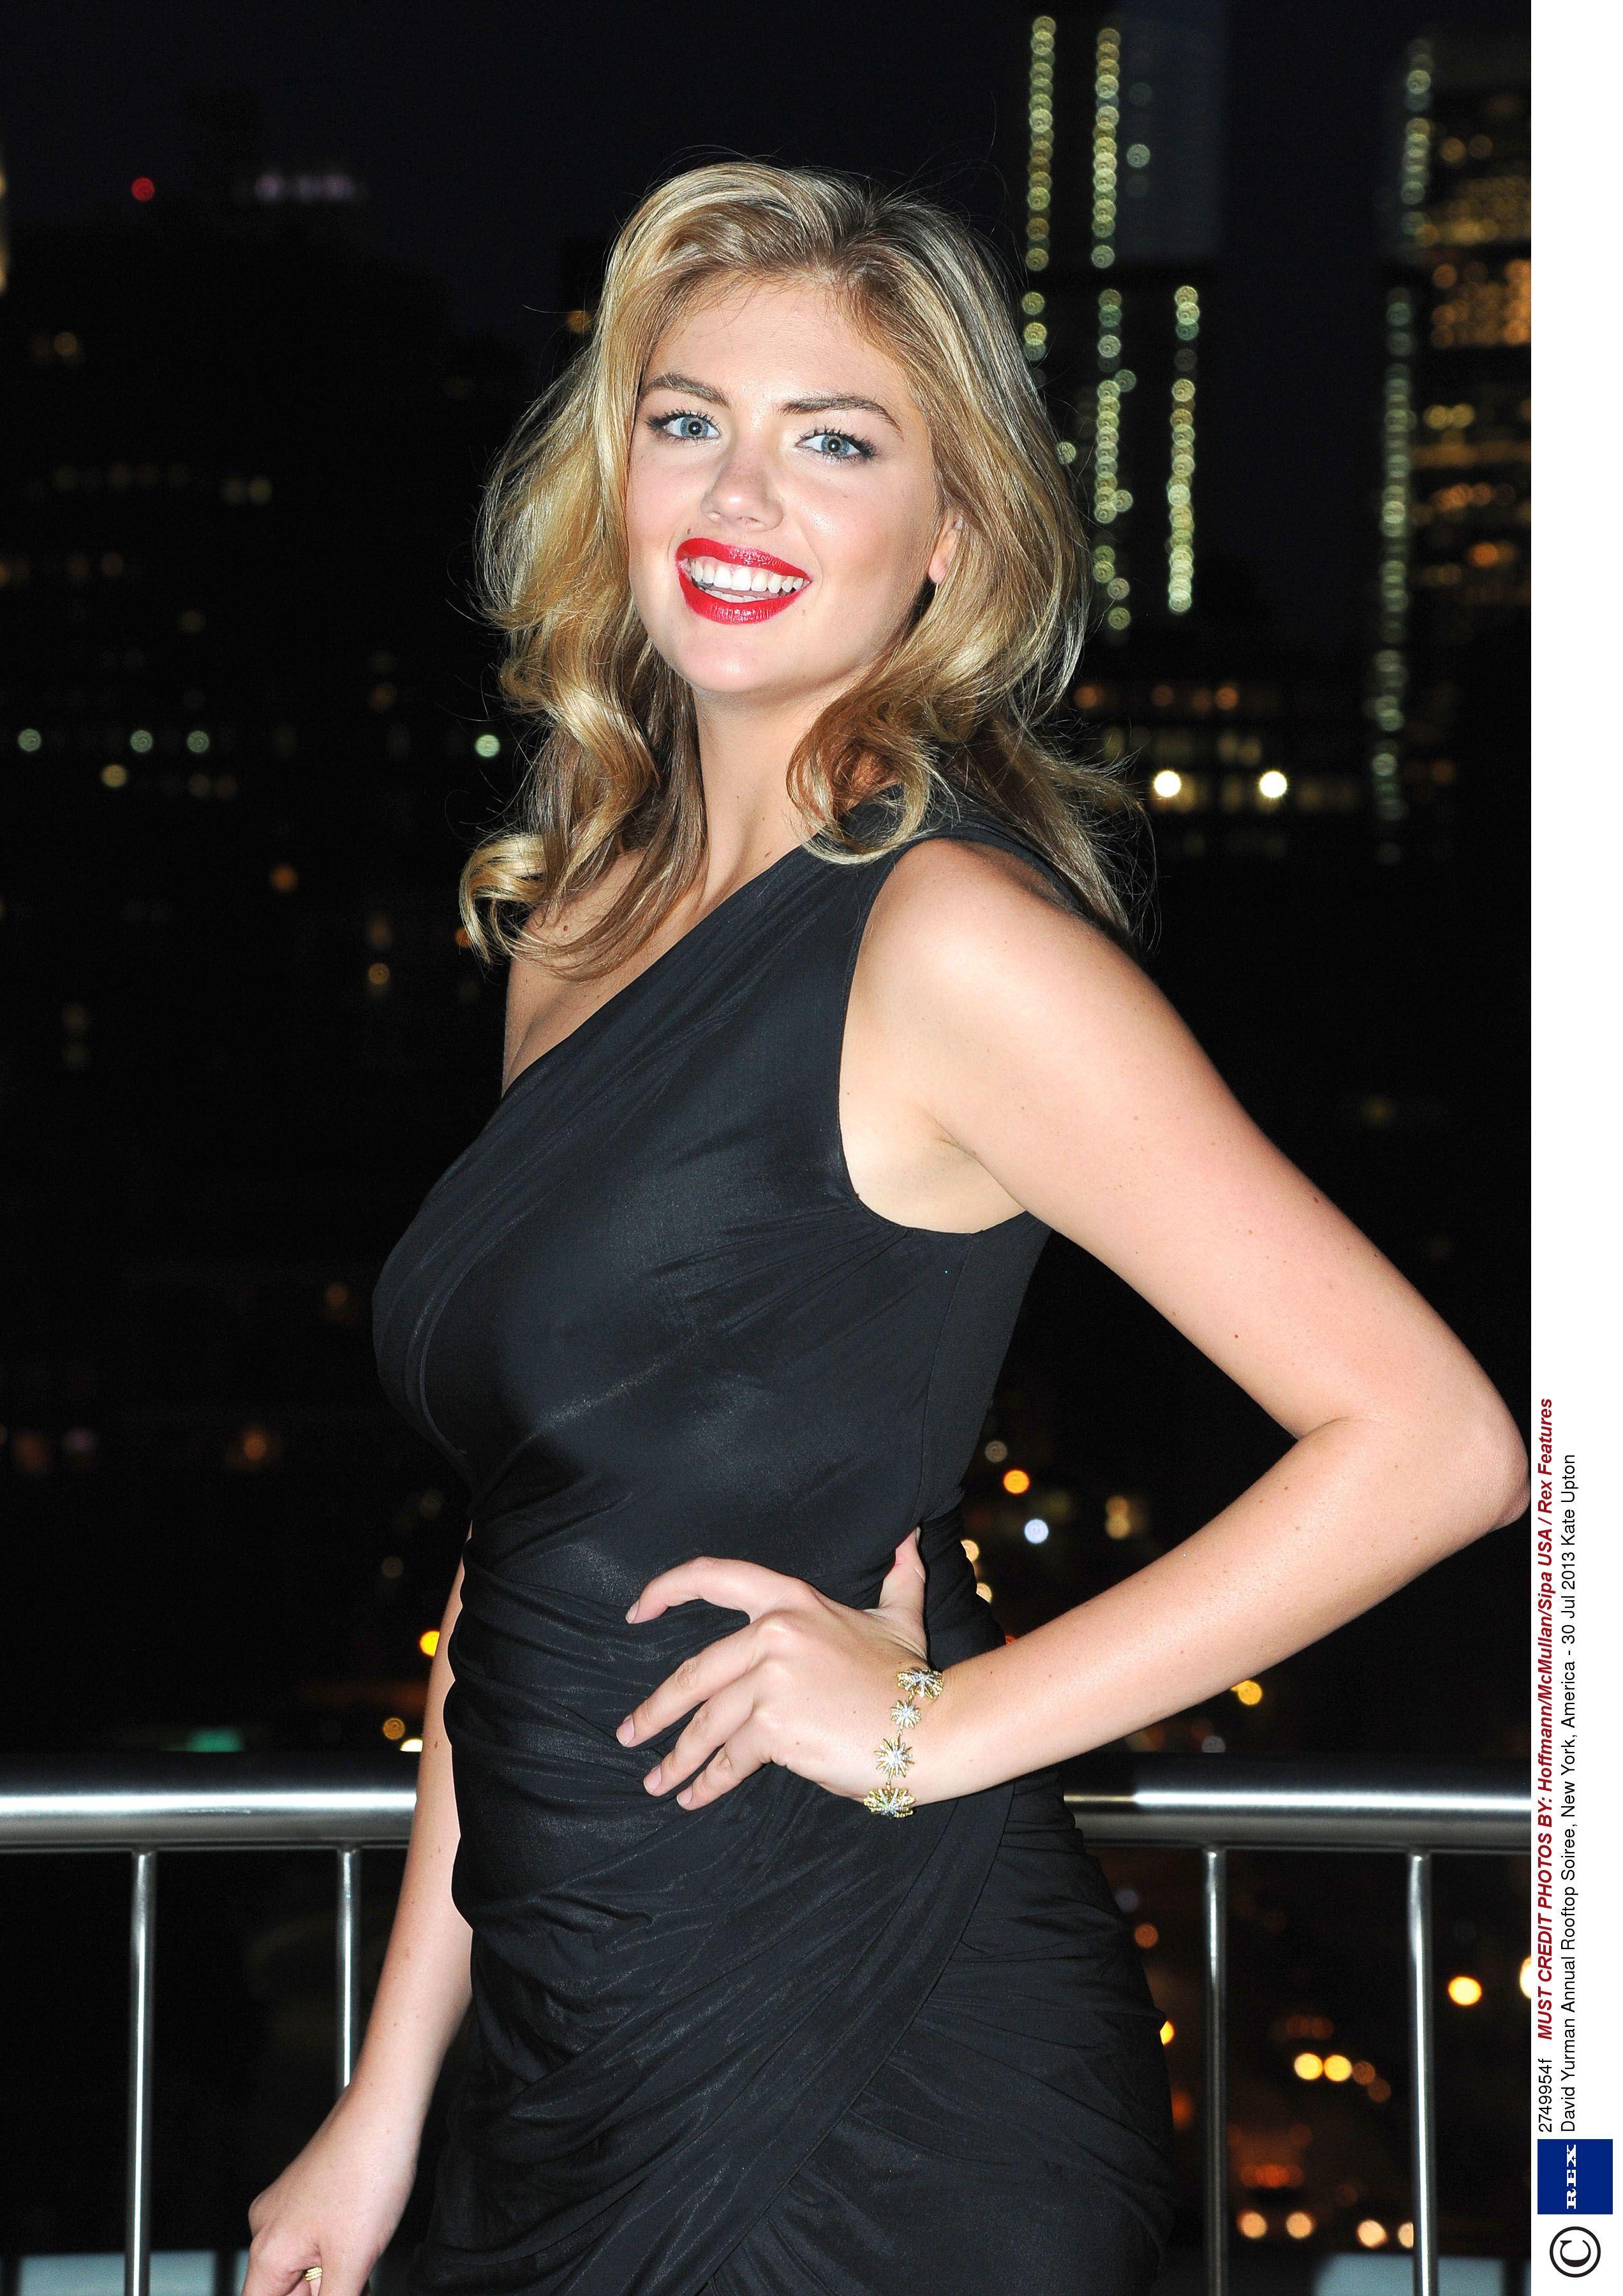 Kate Upton dating maks Don ts av online dating